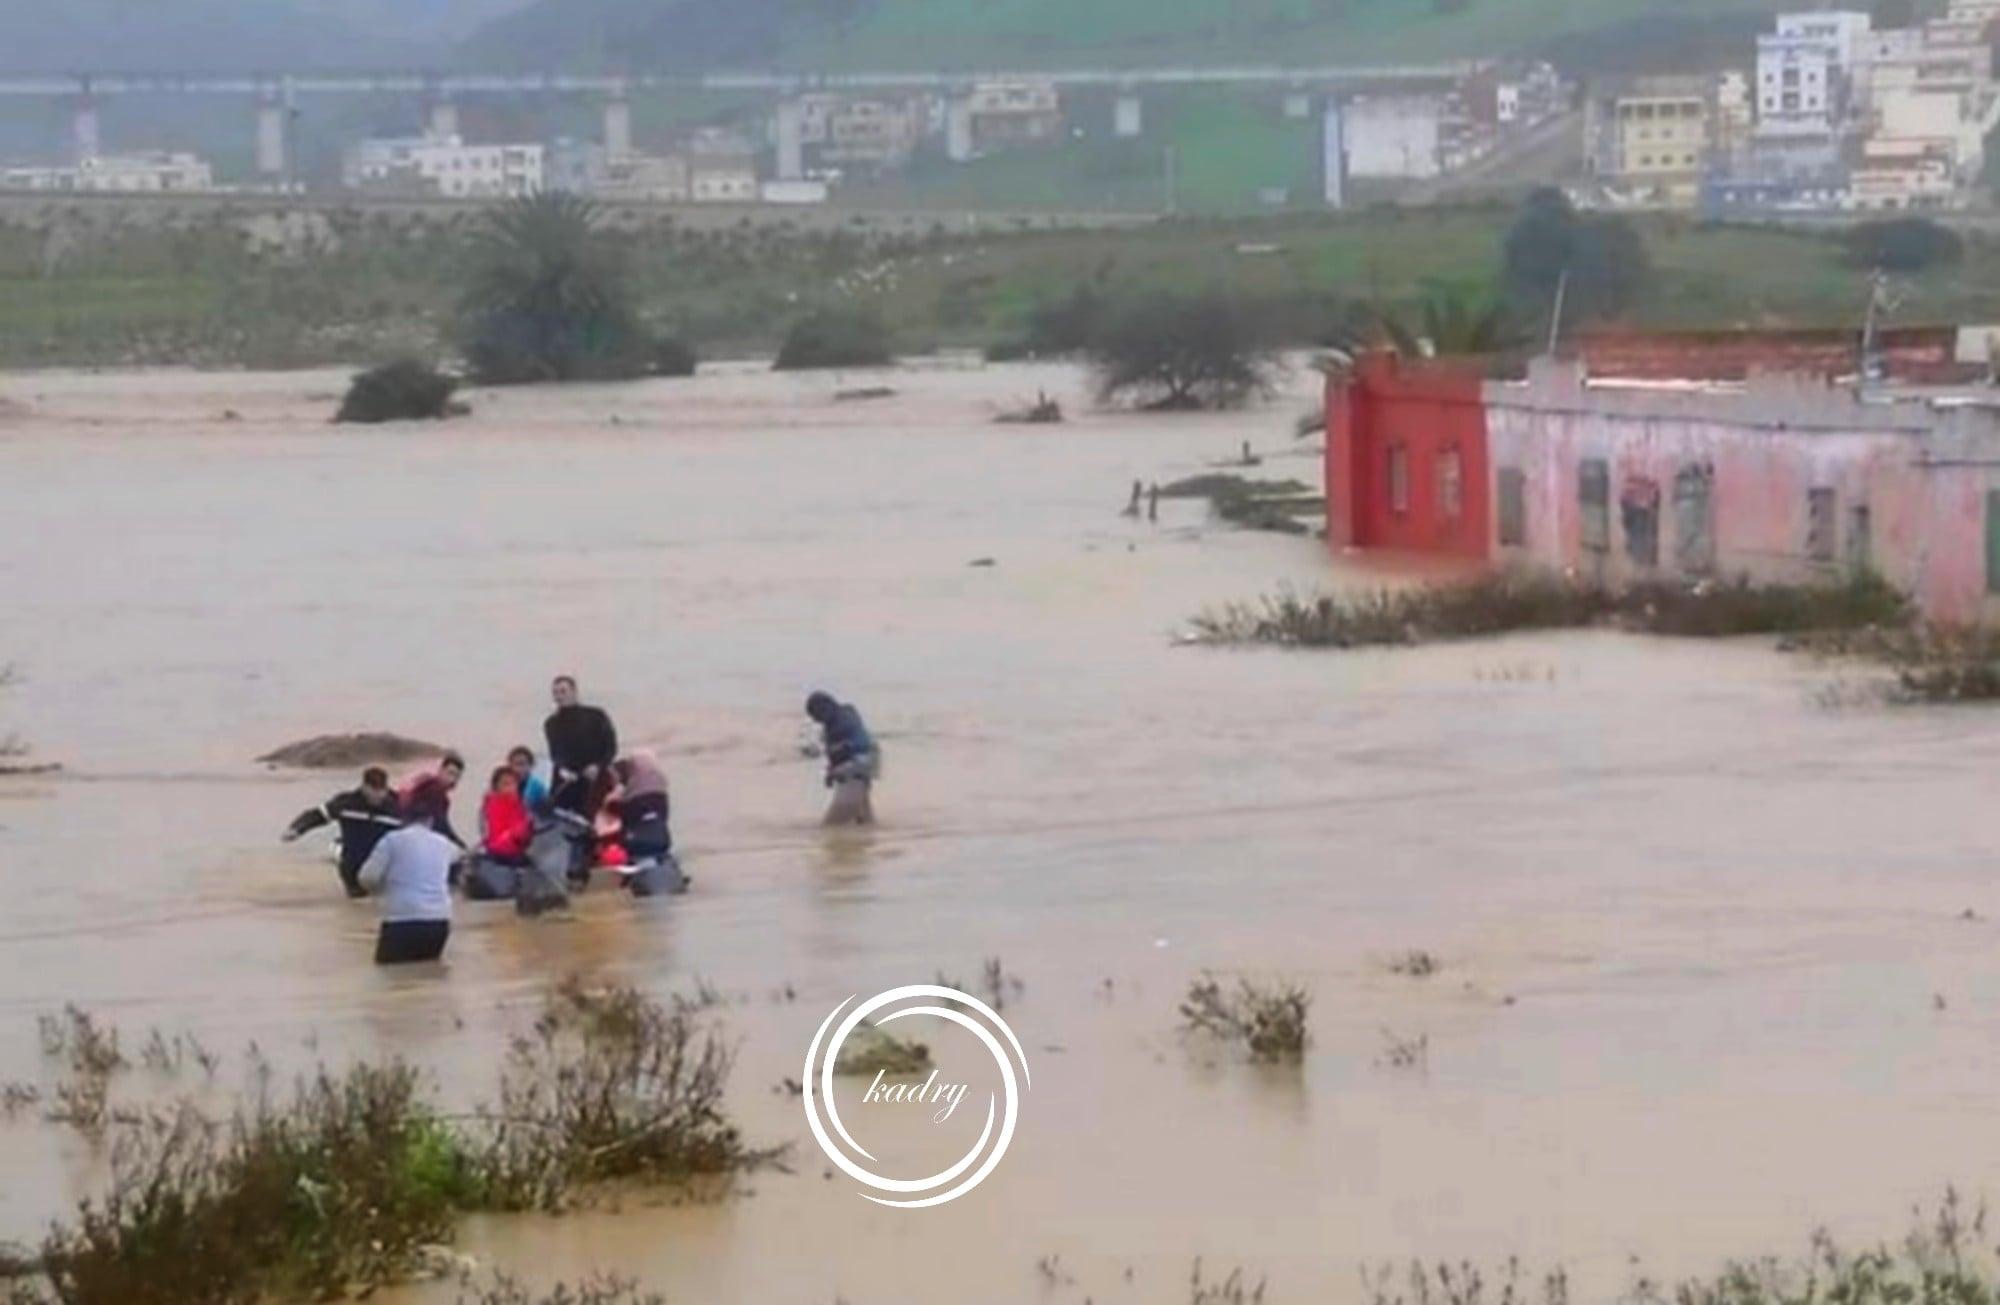 مديرية الأرصاد تحذر اليوم السبت من أمطار رعدية قوية مرتقبة بتطوان ونواحيها